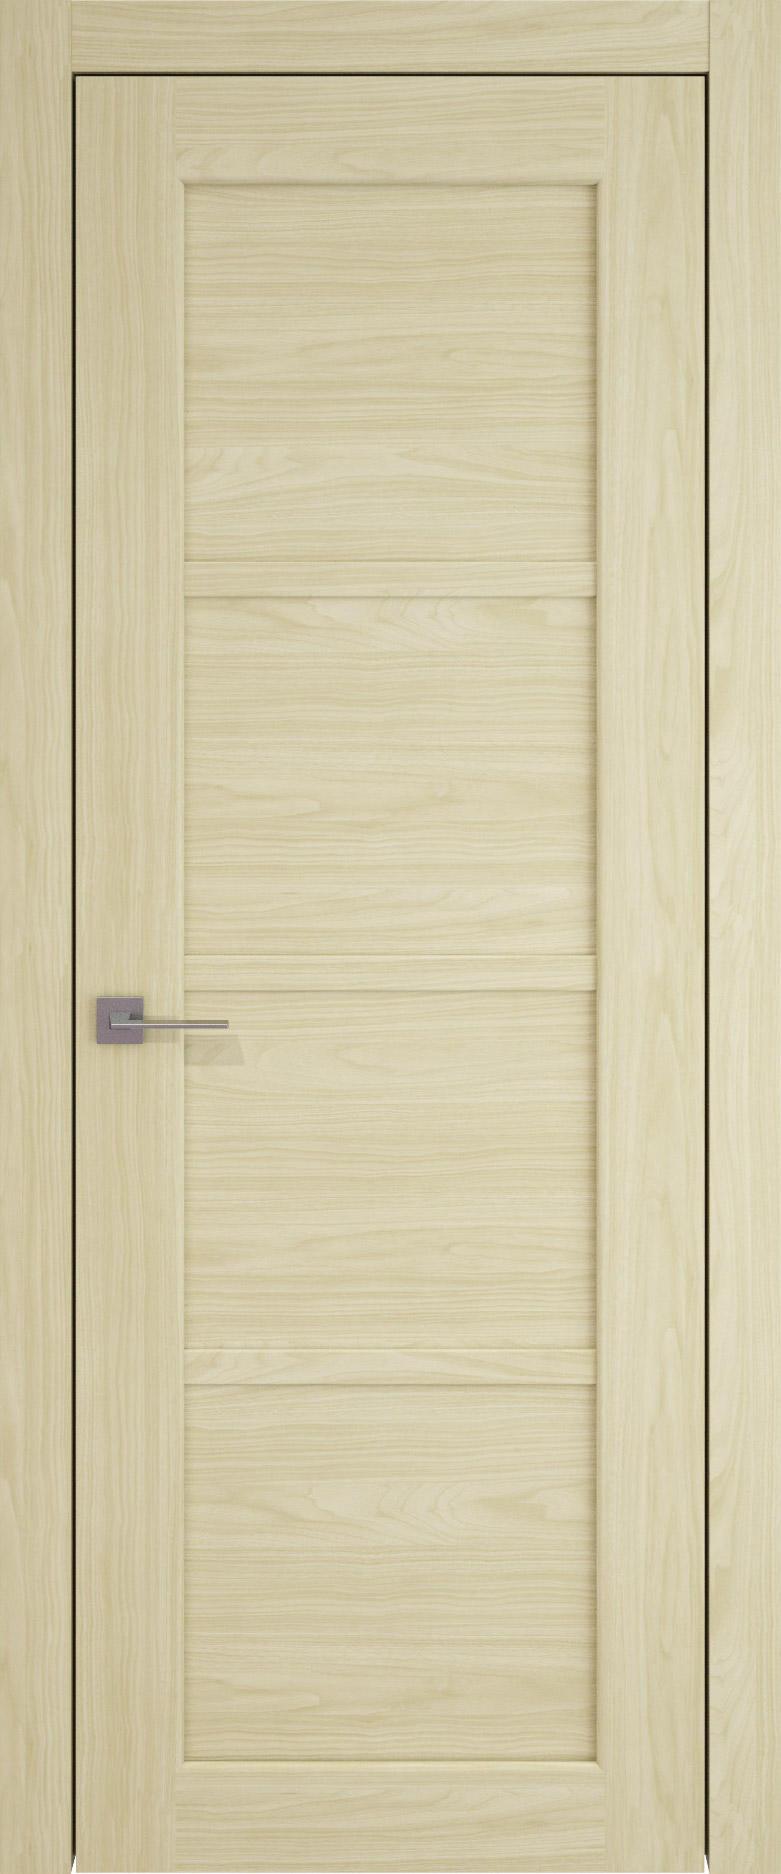 Felicia цвет - Дуб нордик Без стекла (ДГ)